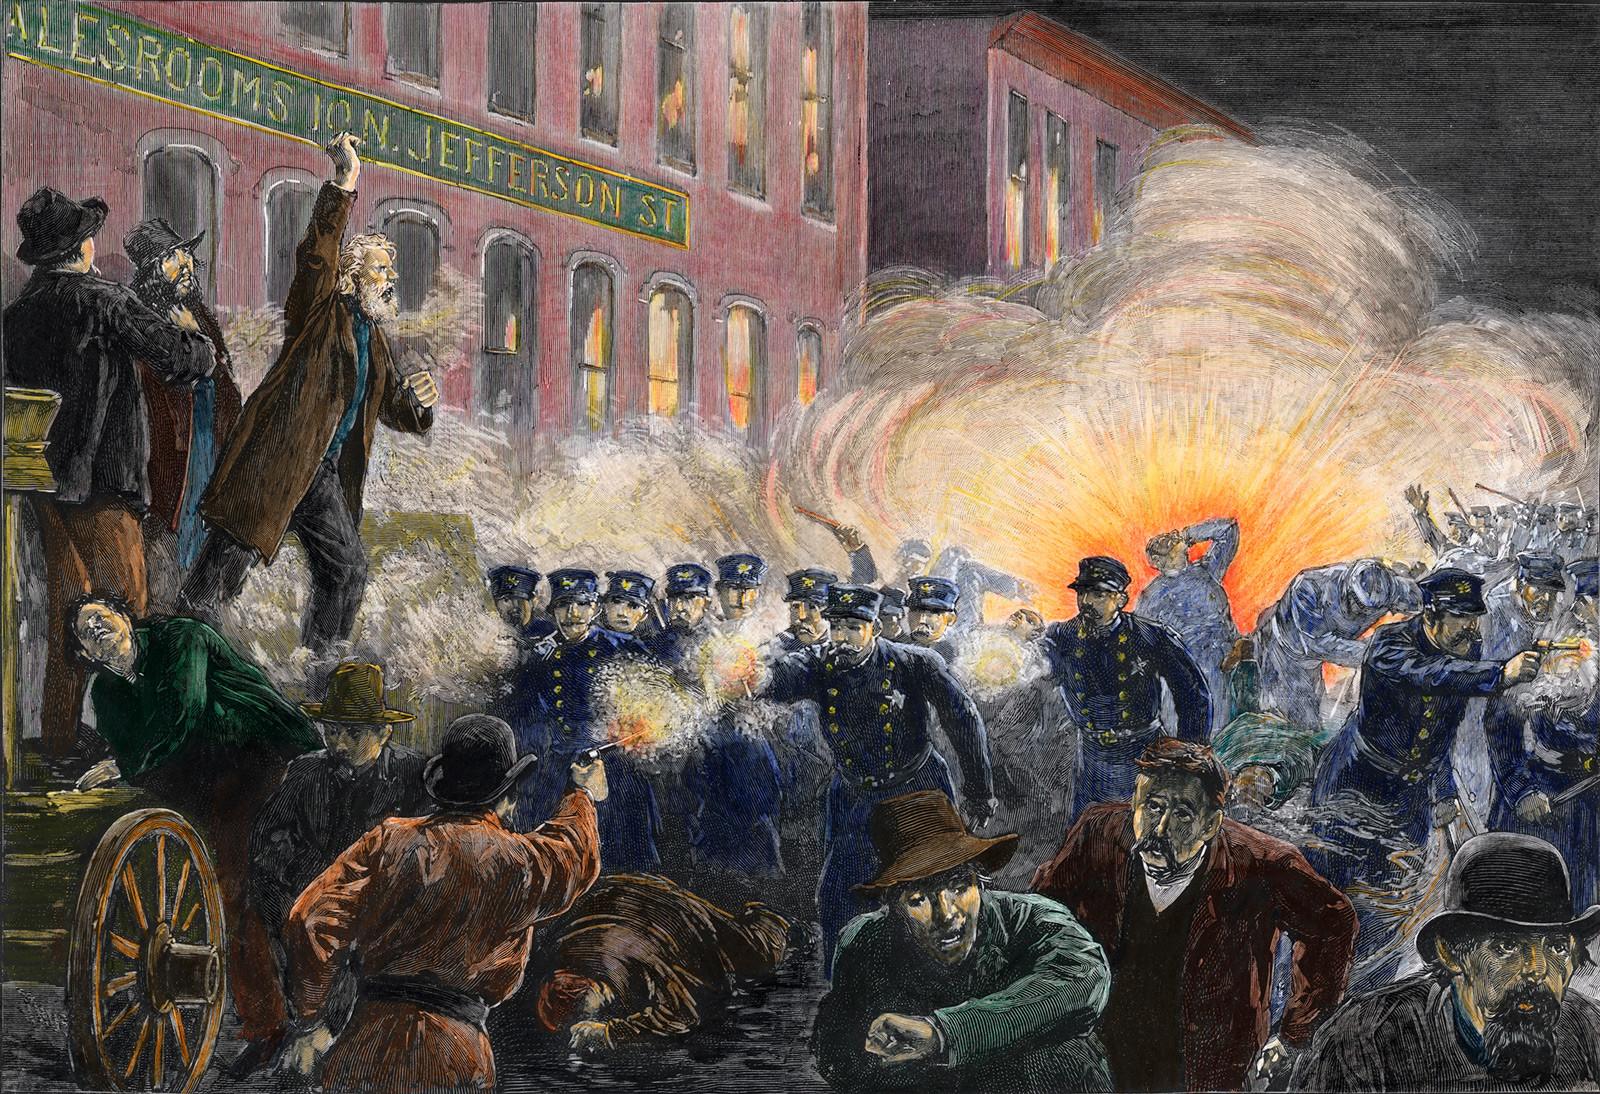 Revolta de Haymarket enfureceu o movimento trabalhista internacional, tornando a luta dos trabalhadores por seus direitos mais intensa e brutal